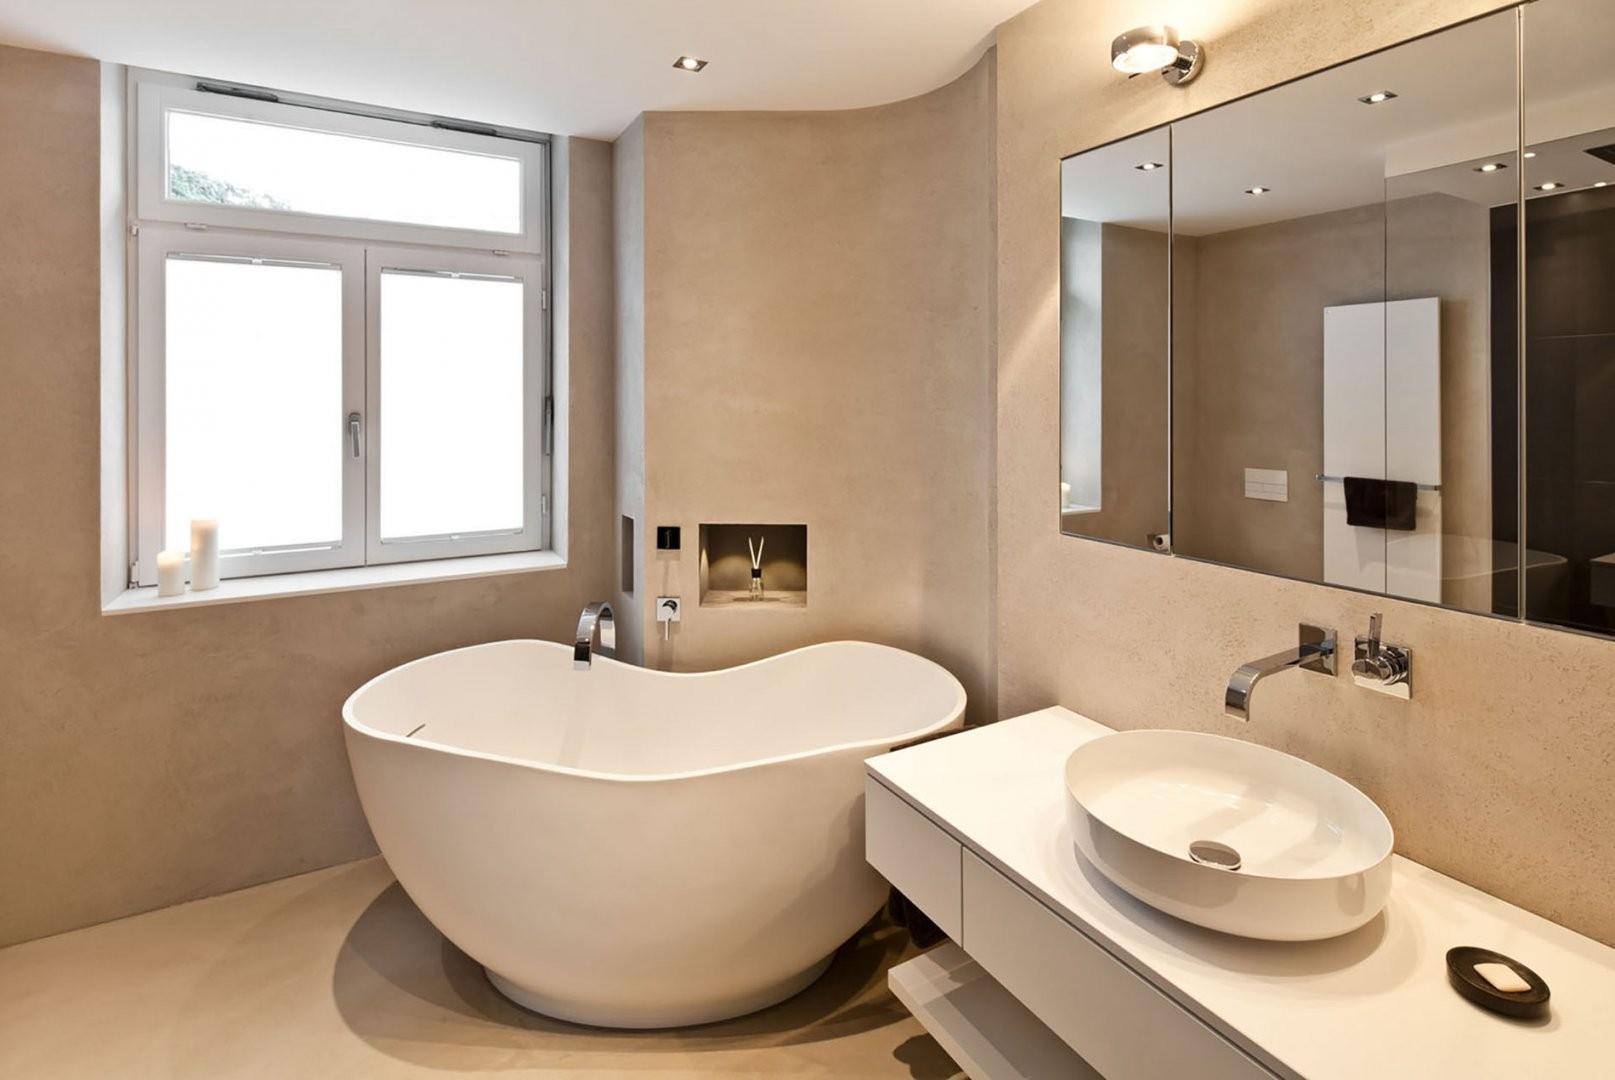 Bad Mit Freistehender Badewanne  Tischlerei Schöpker von Bad Mit Freistehender Badewanne Photo